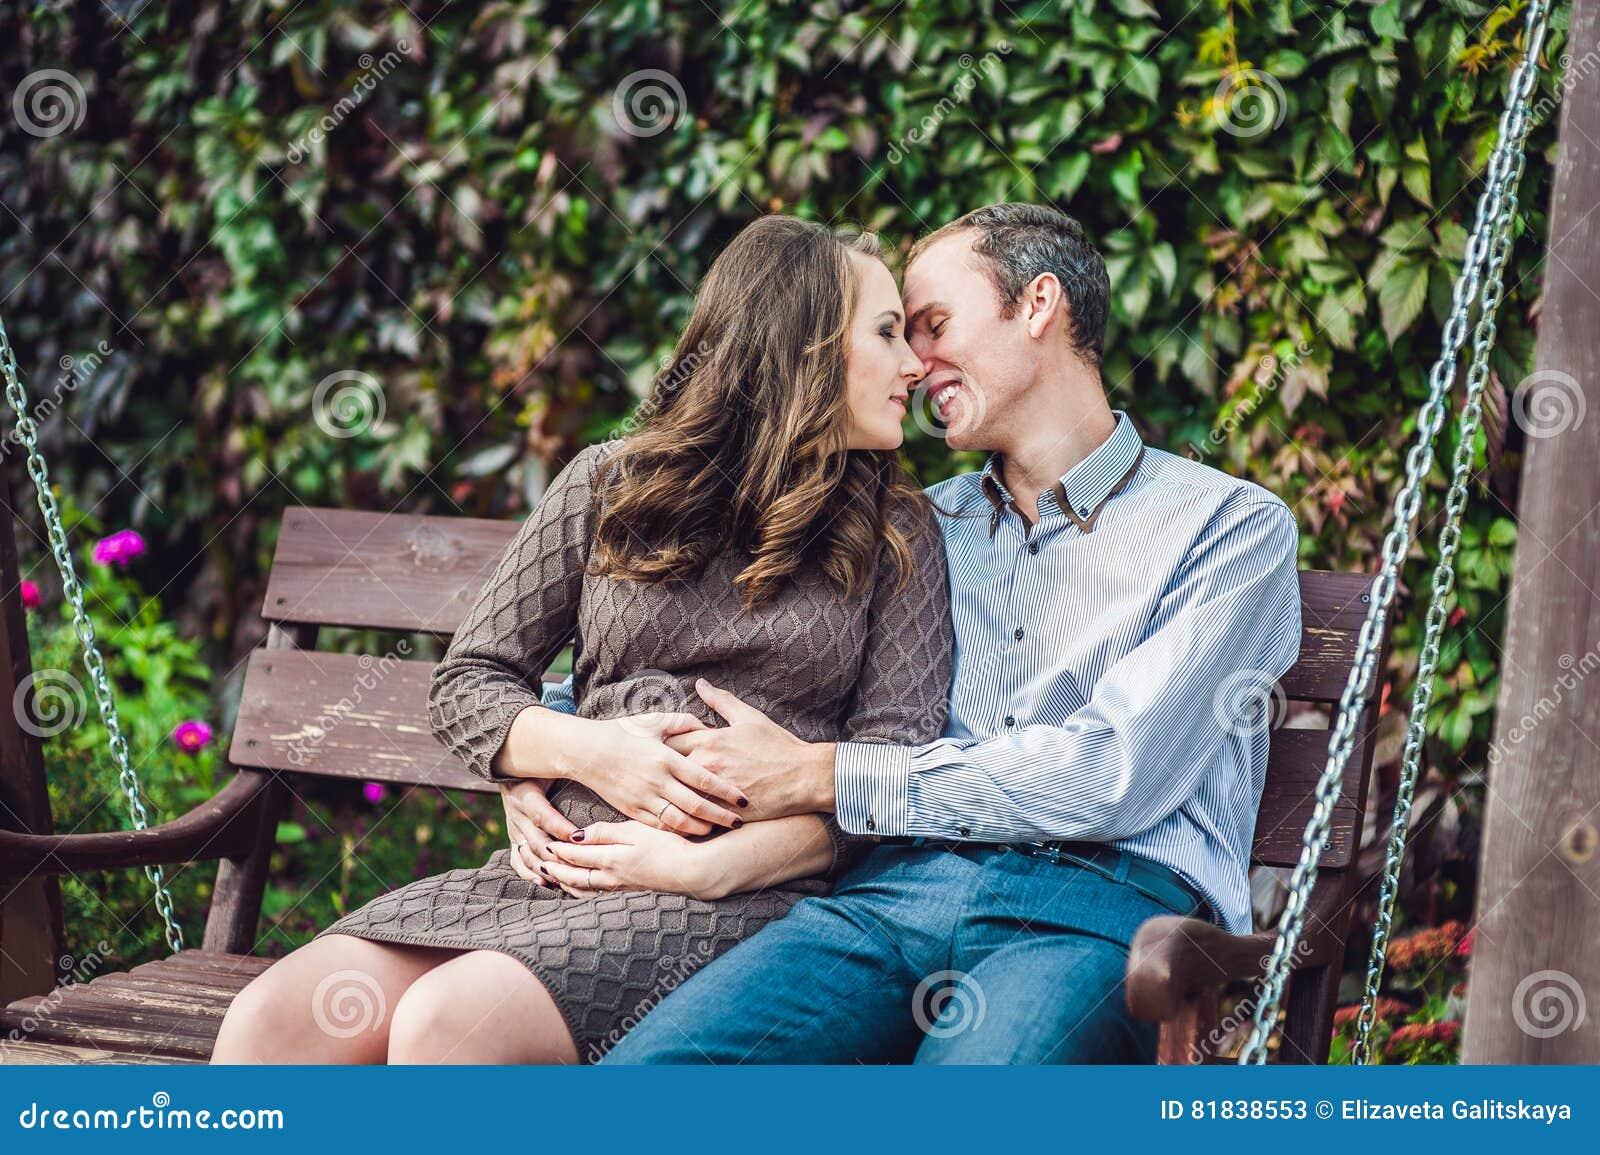 Свинг с беременной фото 548-498